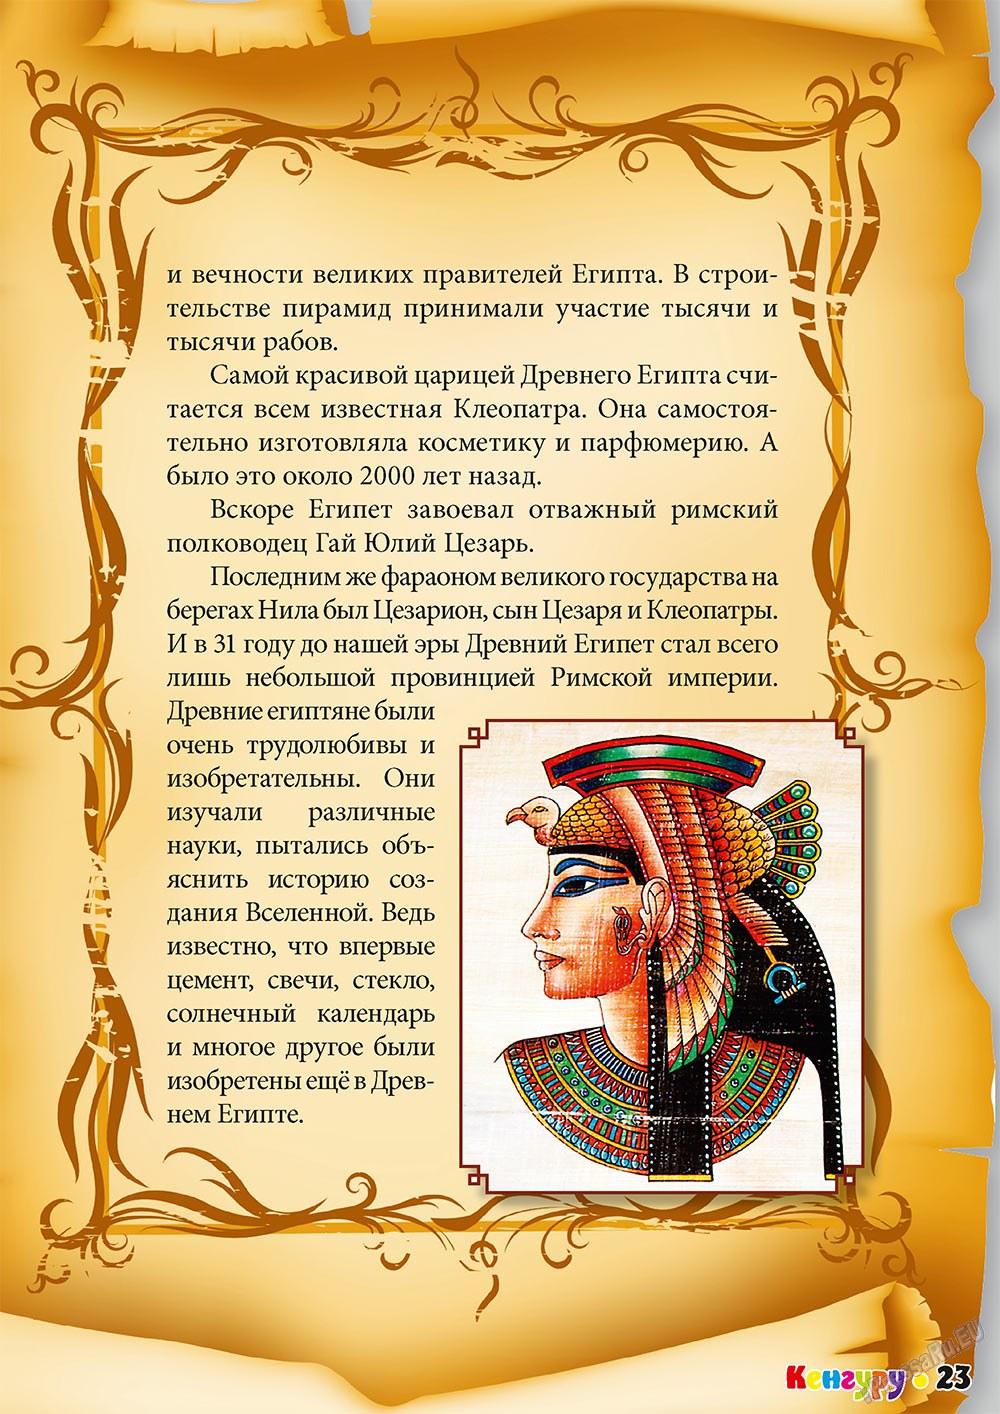 Кенгуру (журнал). 2011 год, номер 2, стр. 23